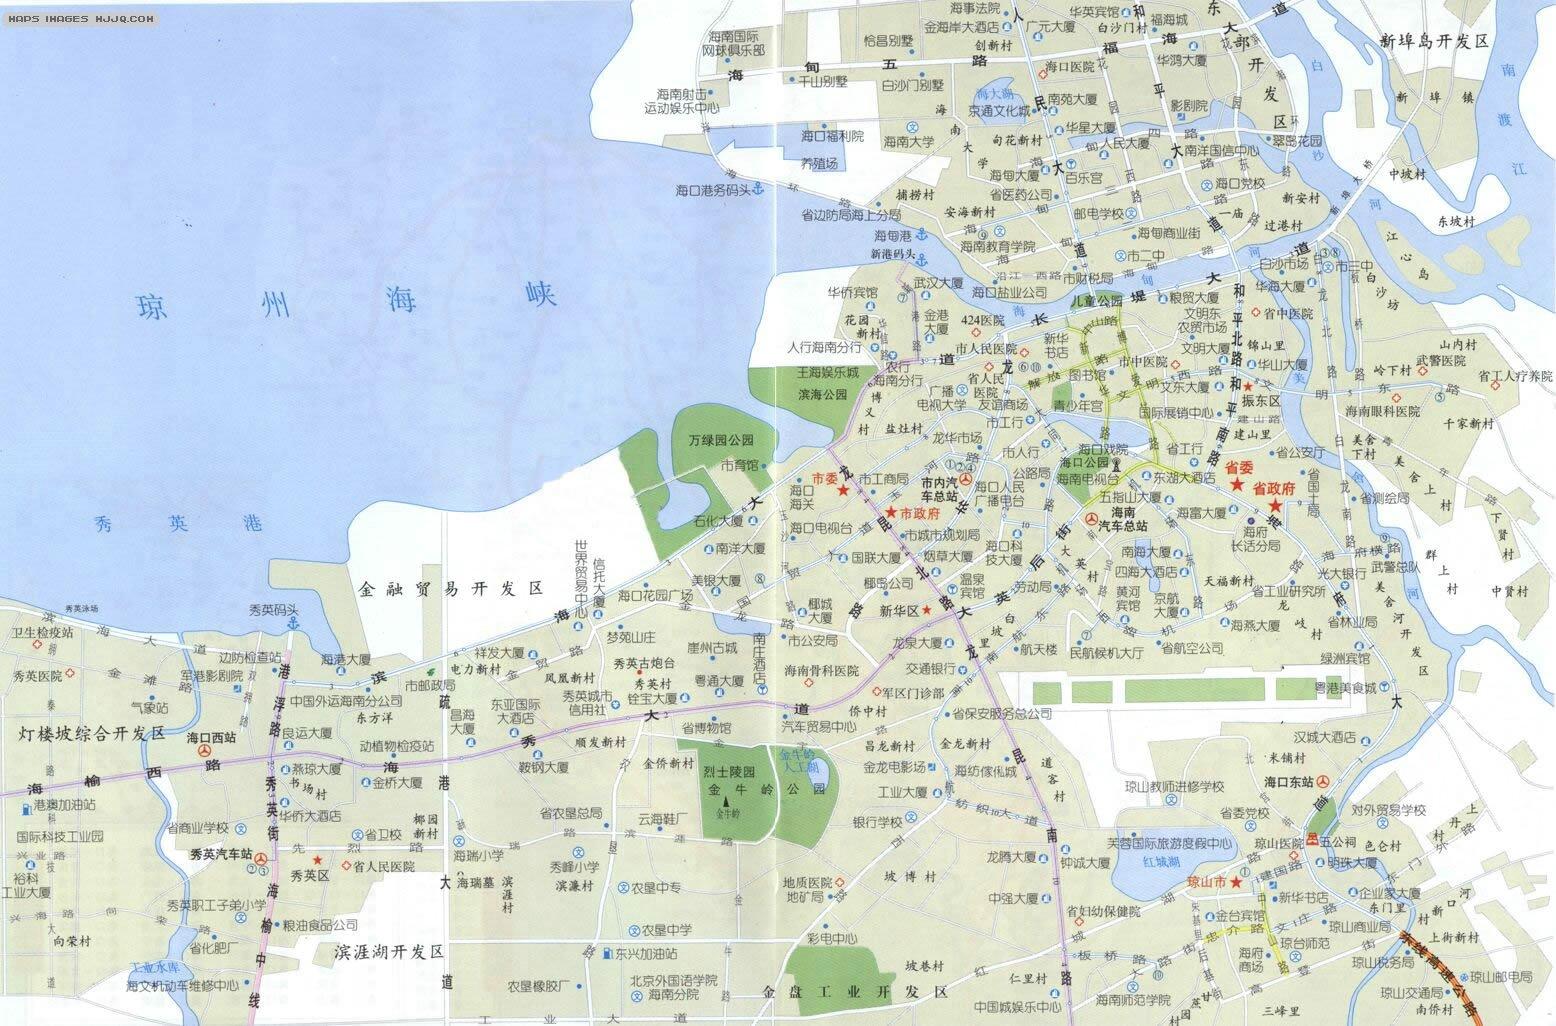 海口地图_海南旅游地图库